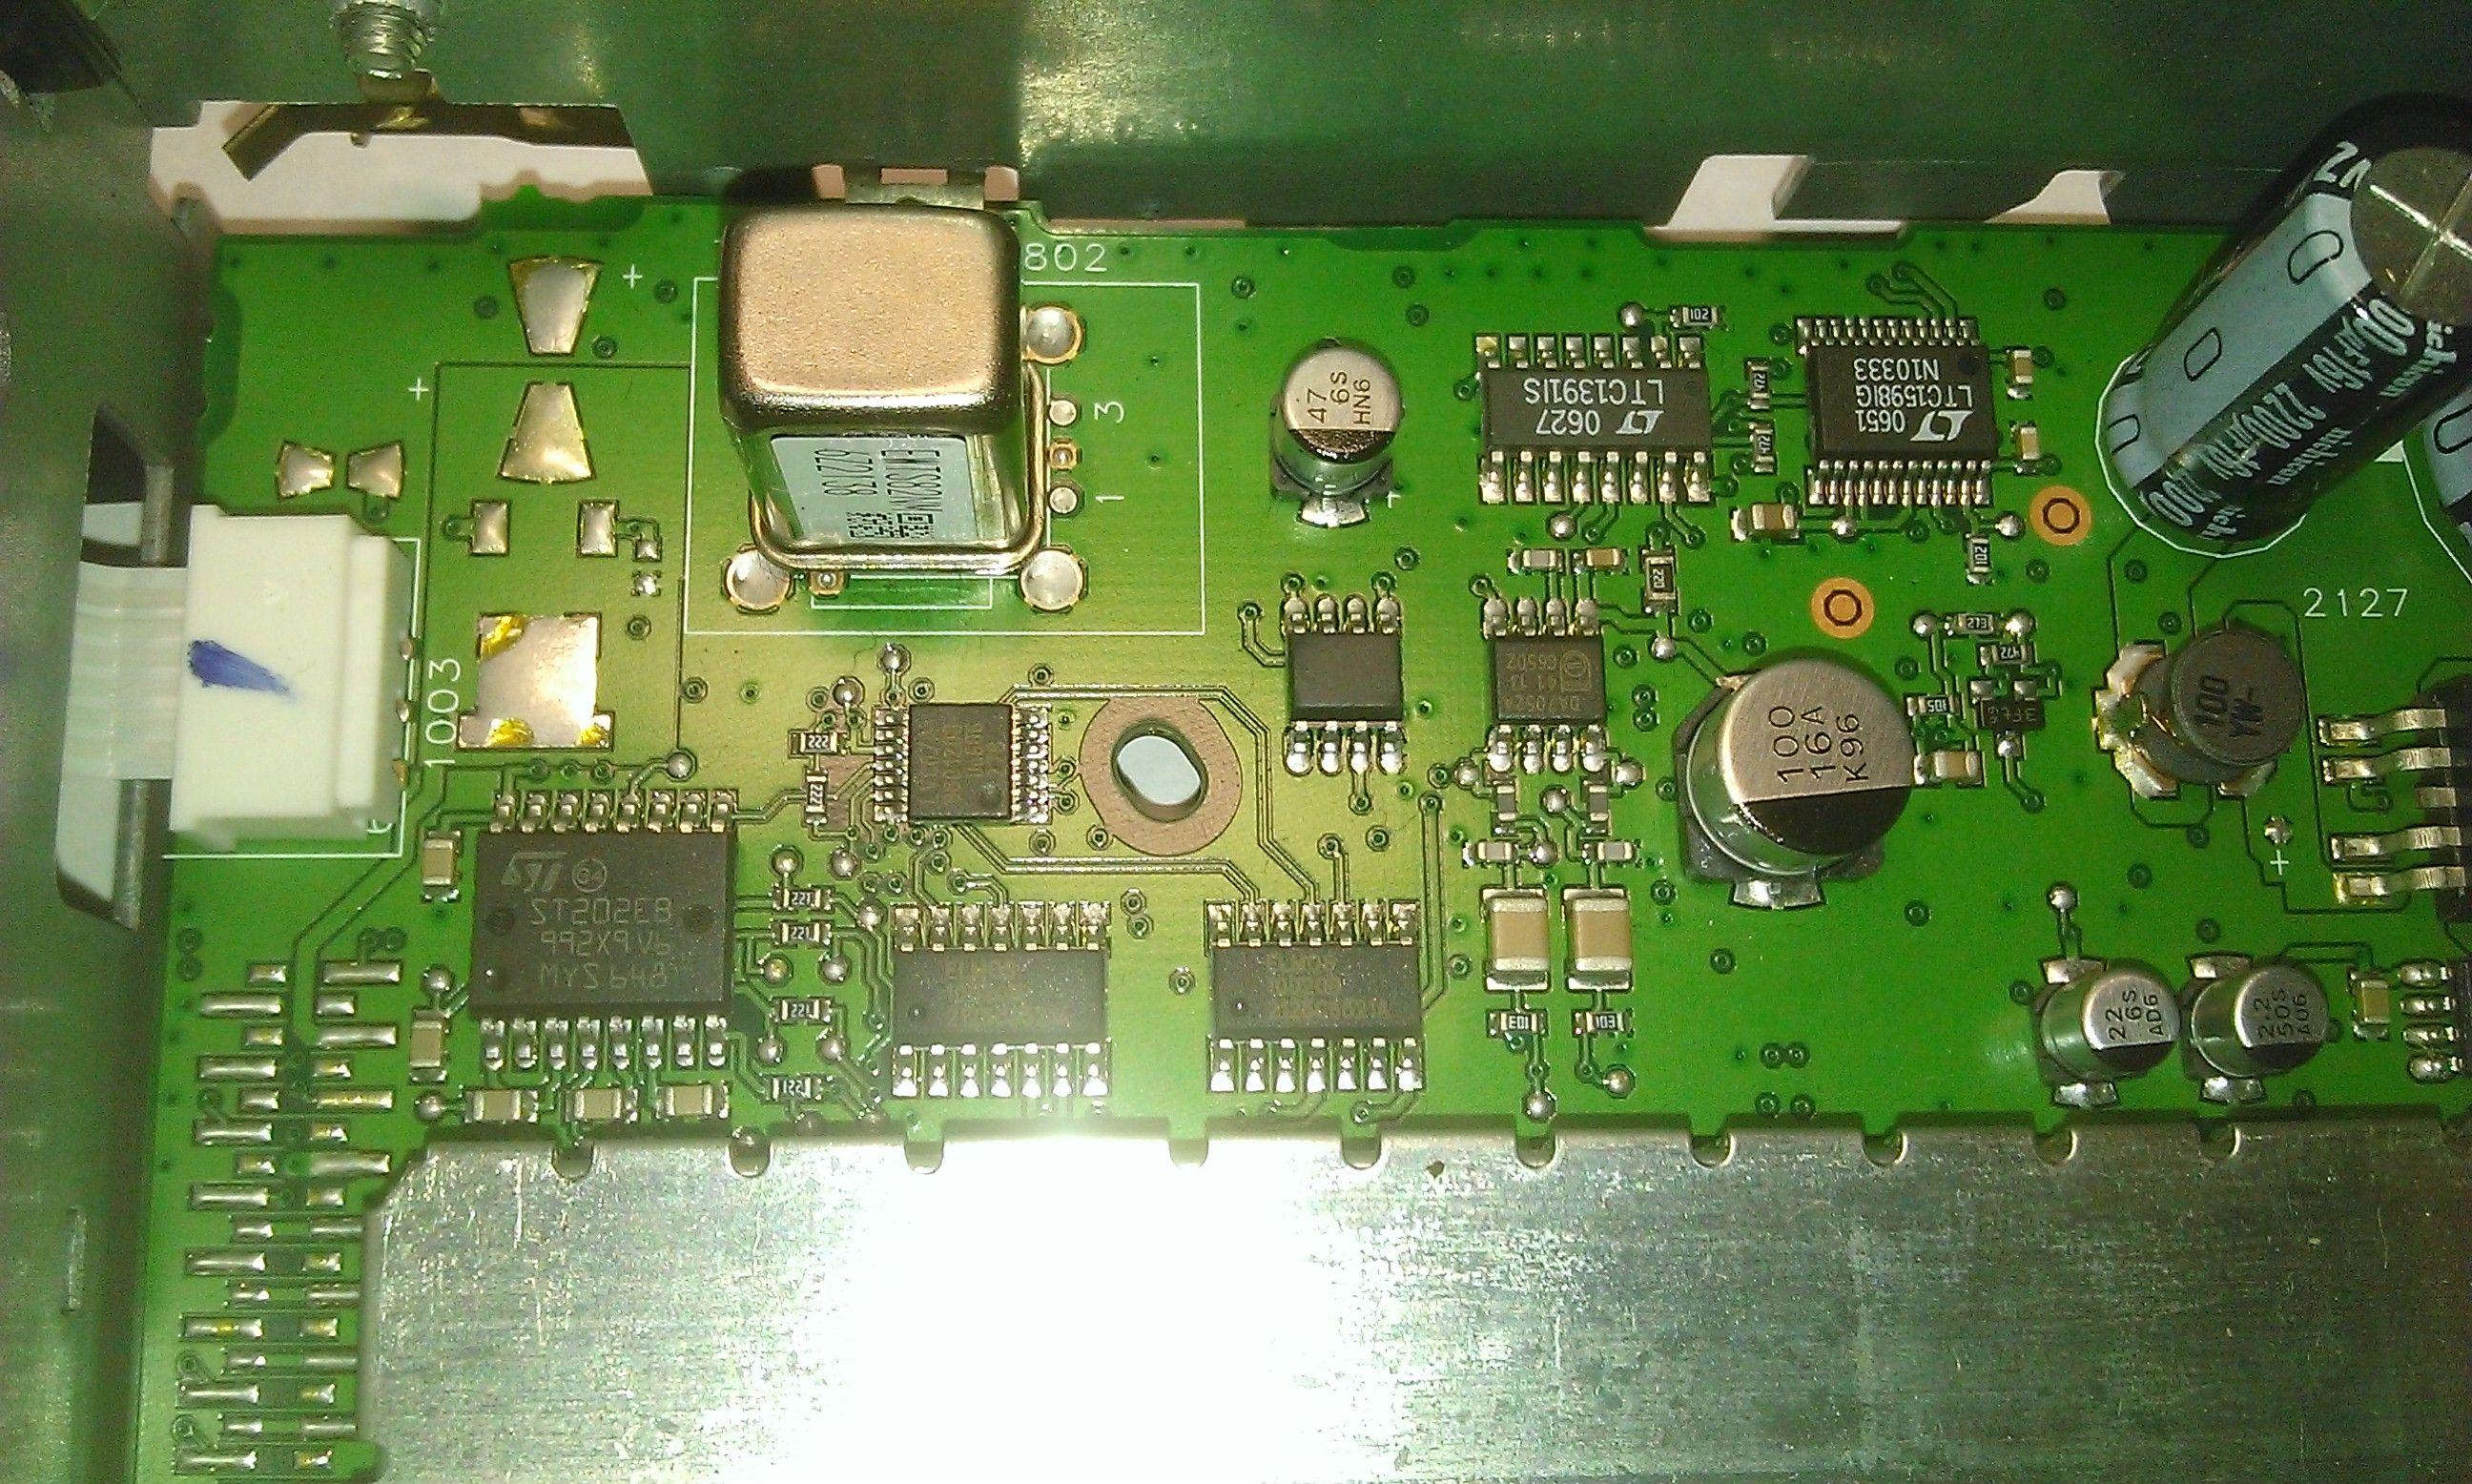 Навигационный блок GPS MK4 - фрагмент основной платы